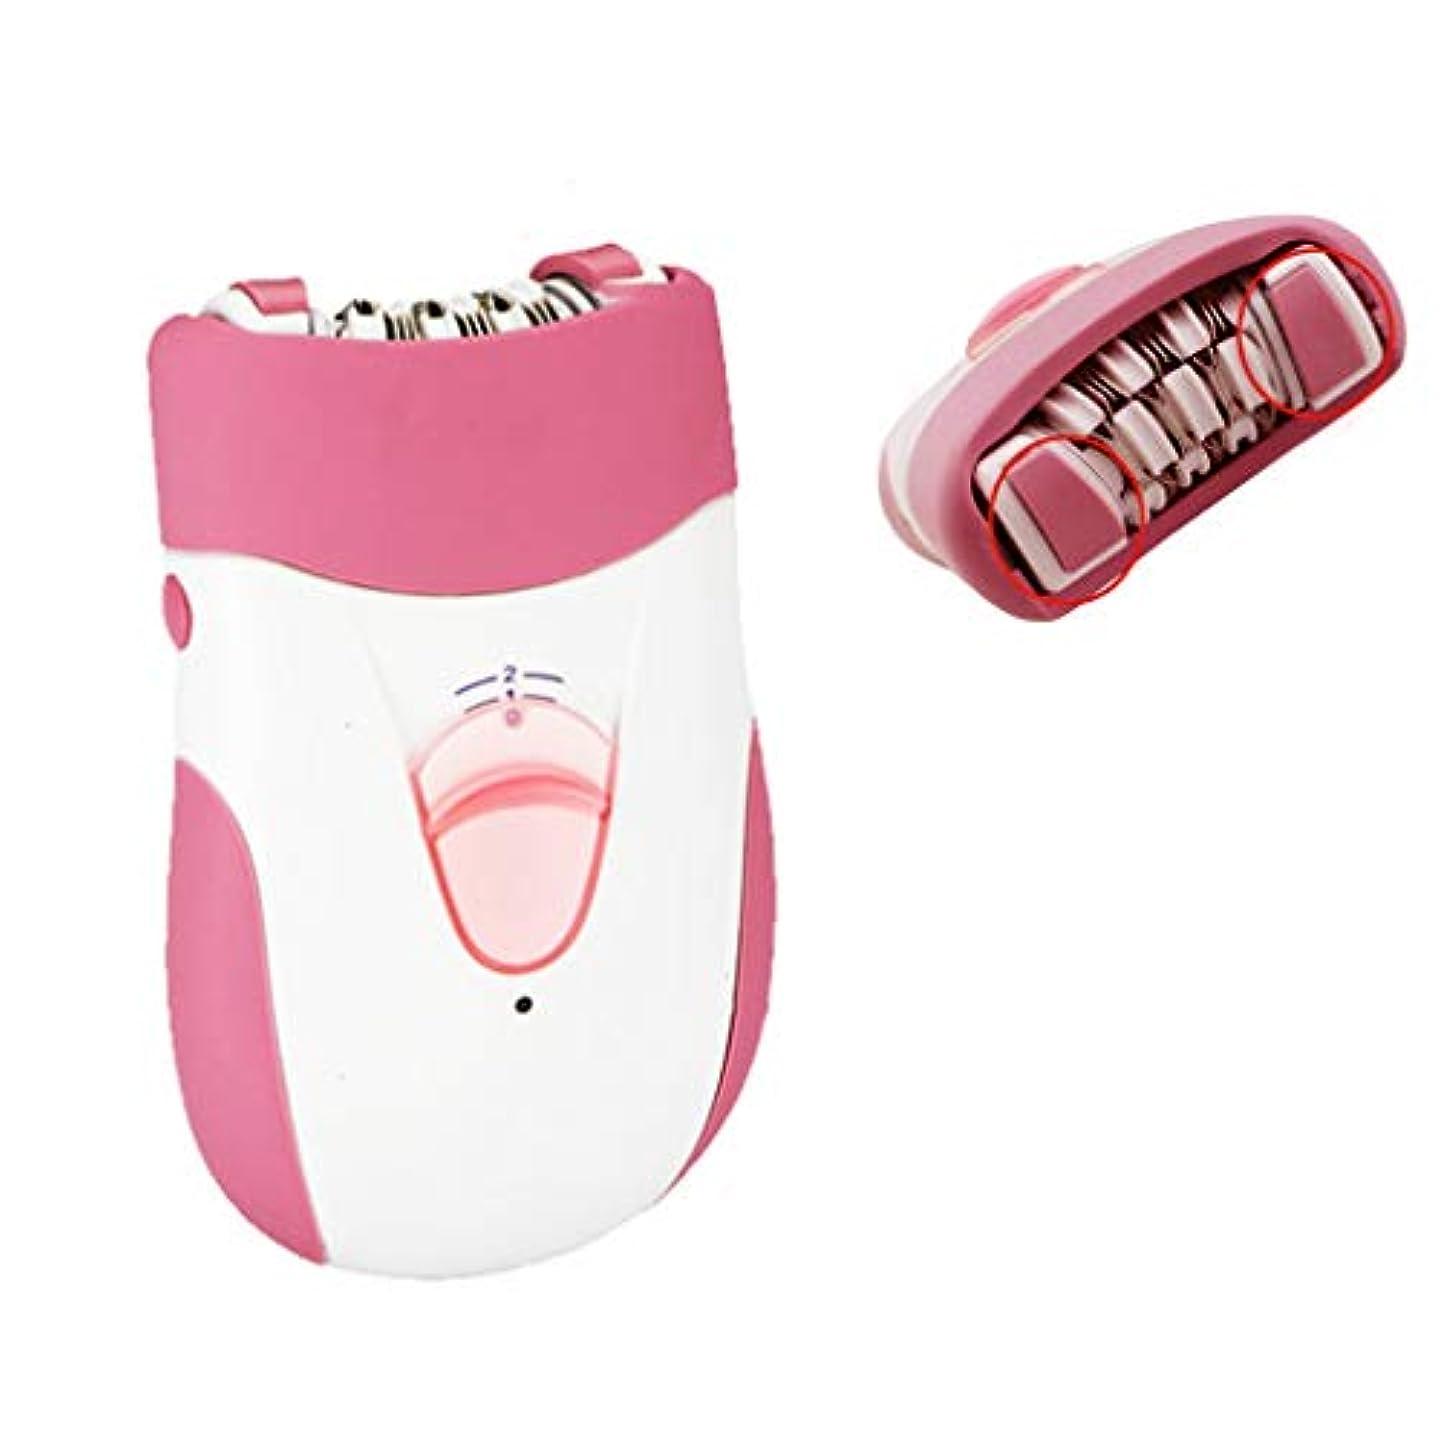 くしゃみブリーフケース適合女性用電気シェーバー充電式脱毛器シェーバー脱毛式かみそり、洗える、脇の下、脚、腕などに適しています。,Pink